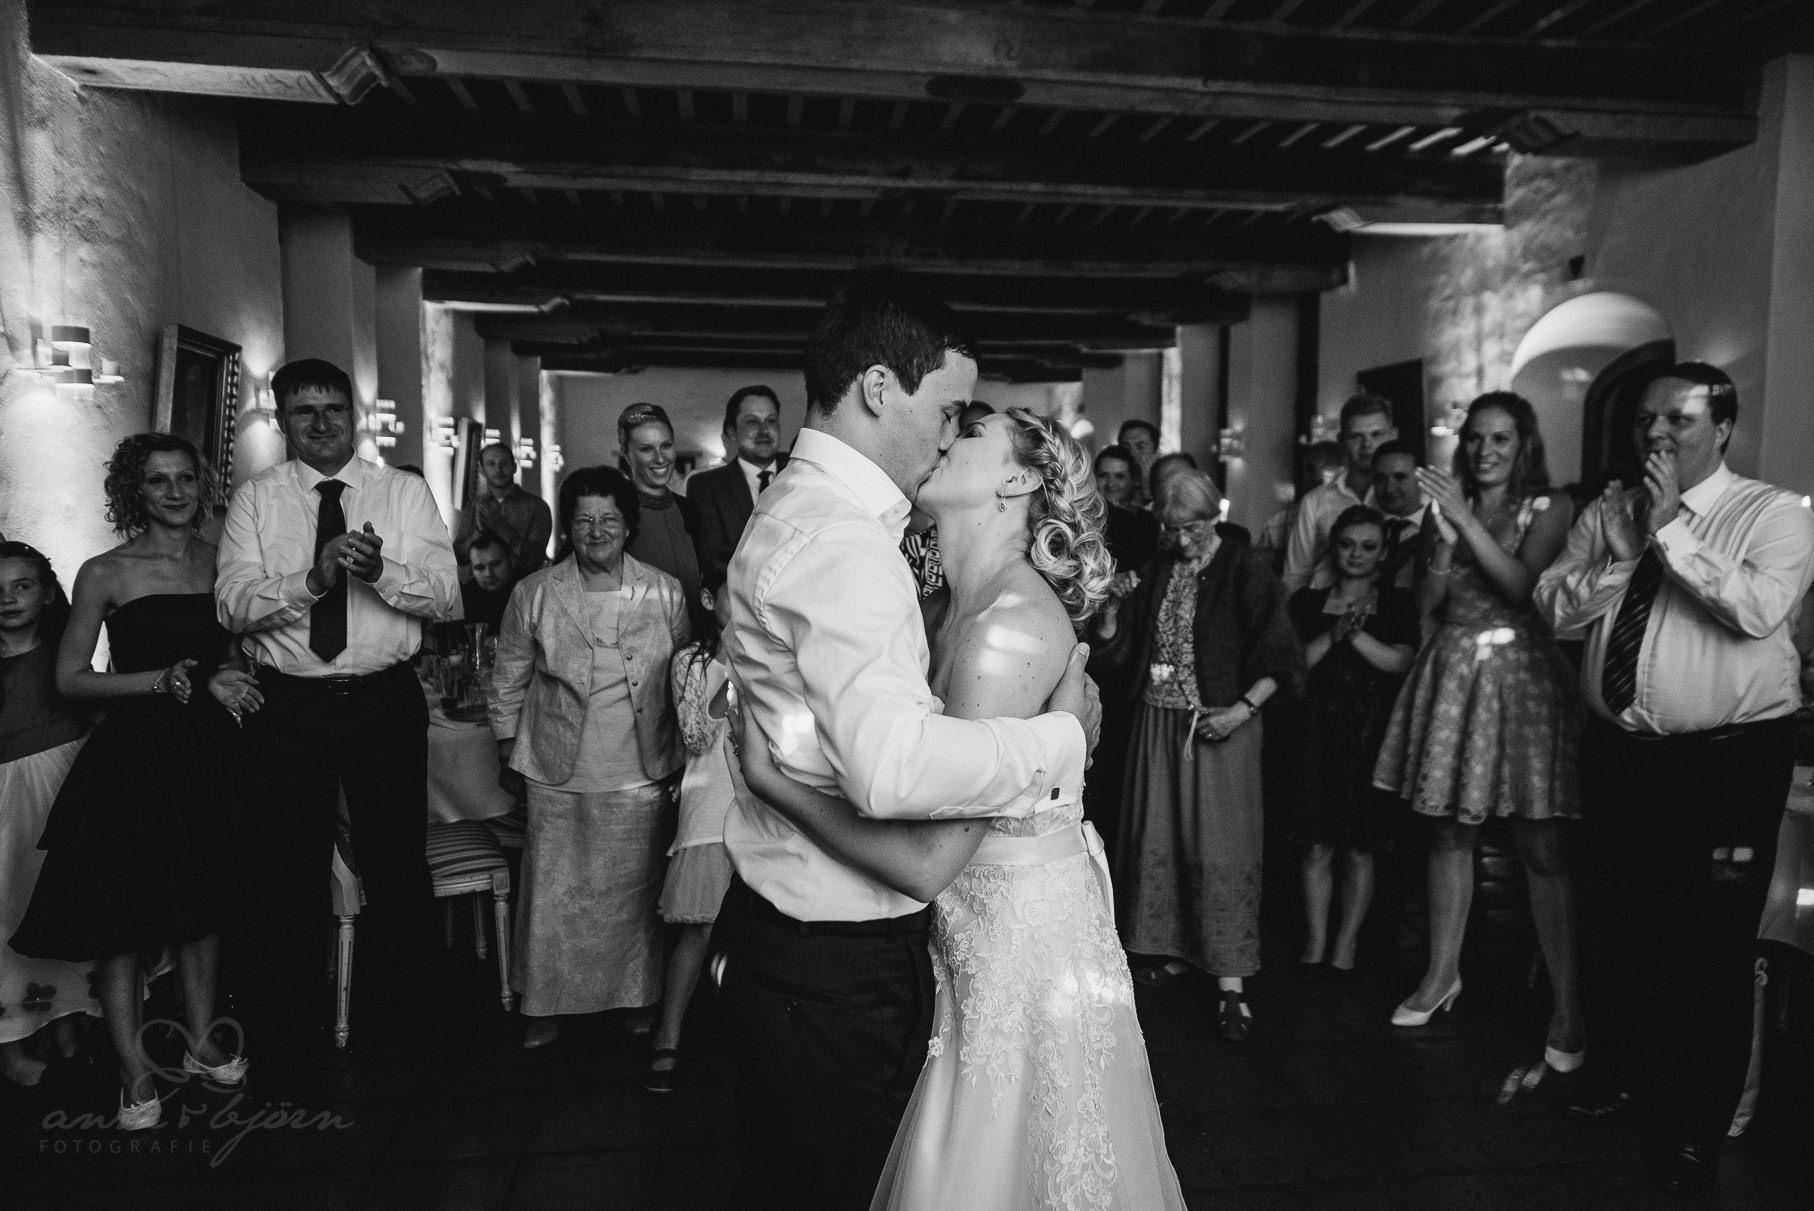 0064 euo 812 2076 - Hochzeit im Schloss Reinbek - Elvira & Olaf